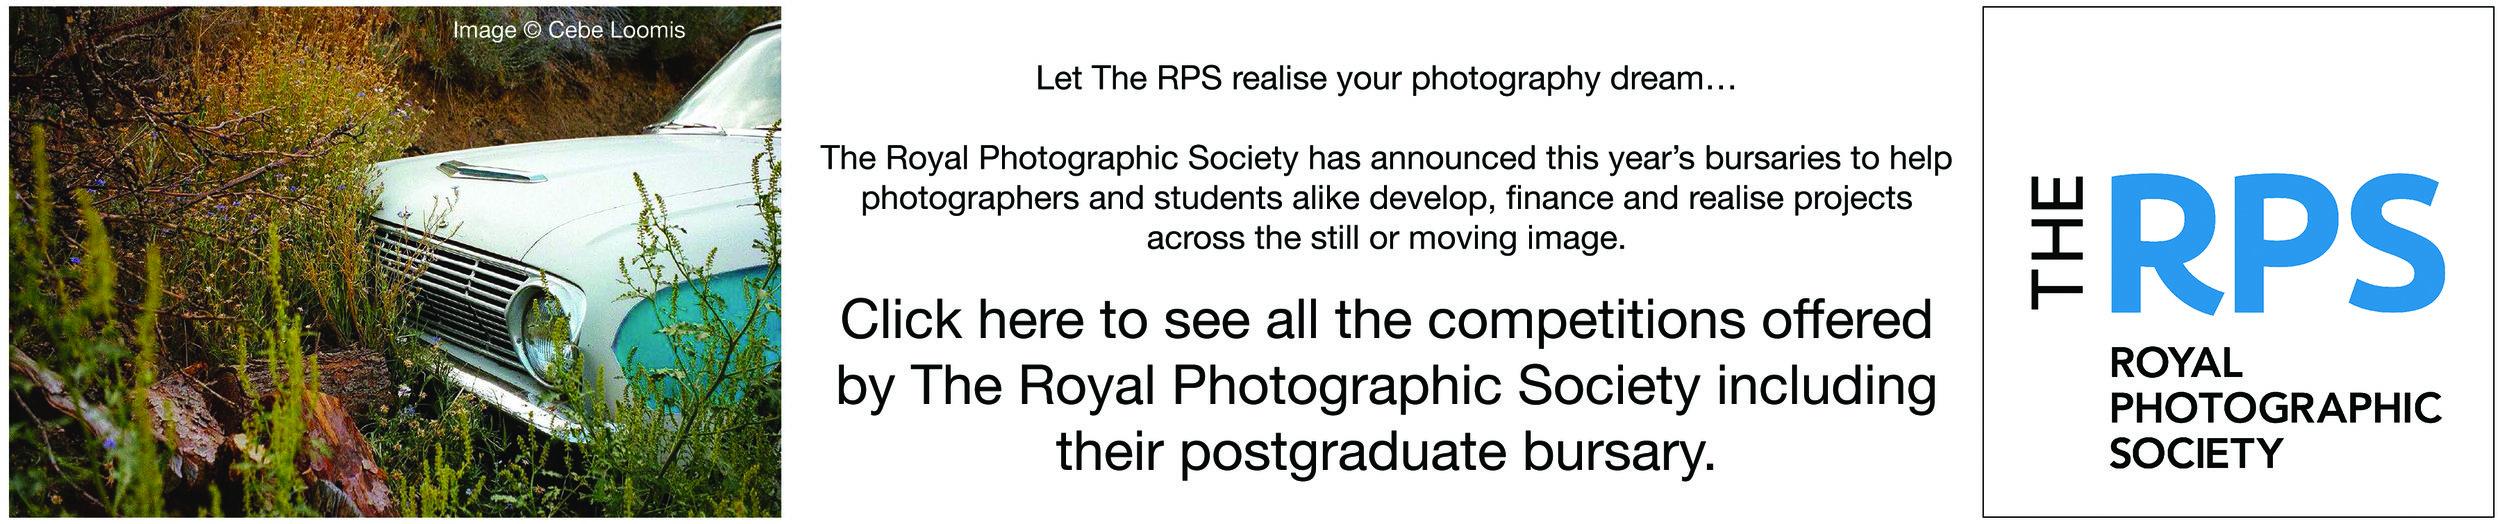 RPS Postgraduate Bursary new.jpg